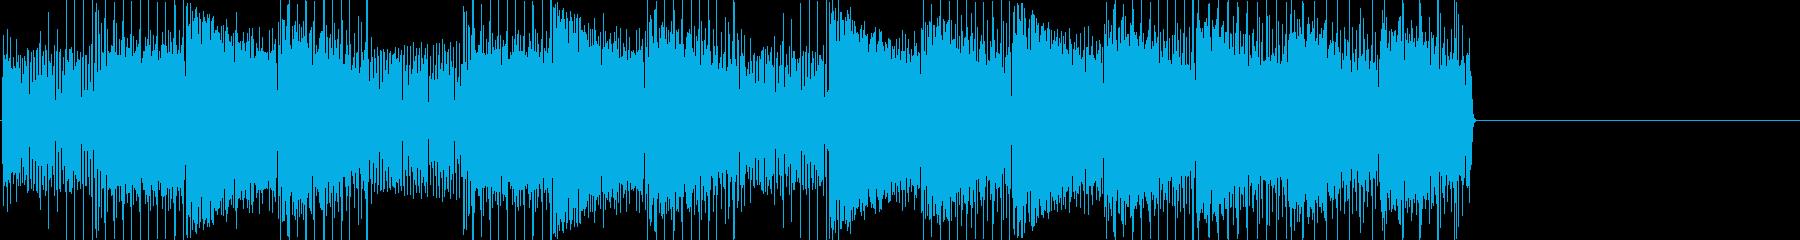 レトロゲームなチップチューンジングル13の再生済みの波形